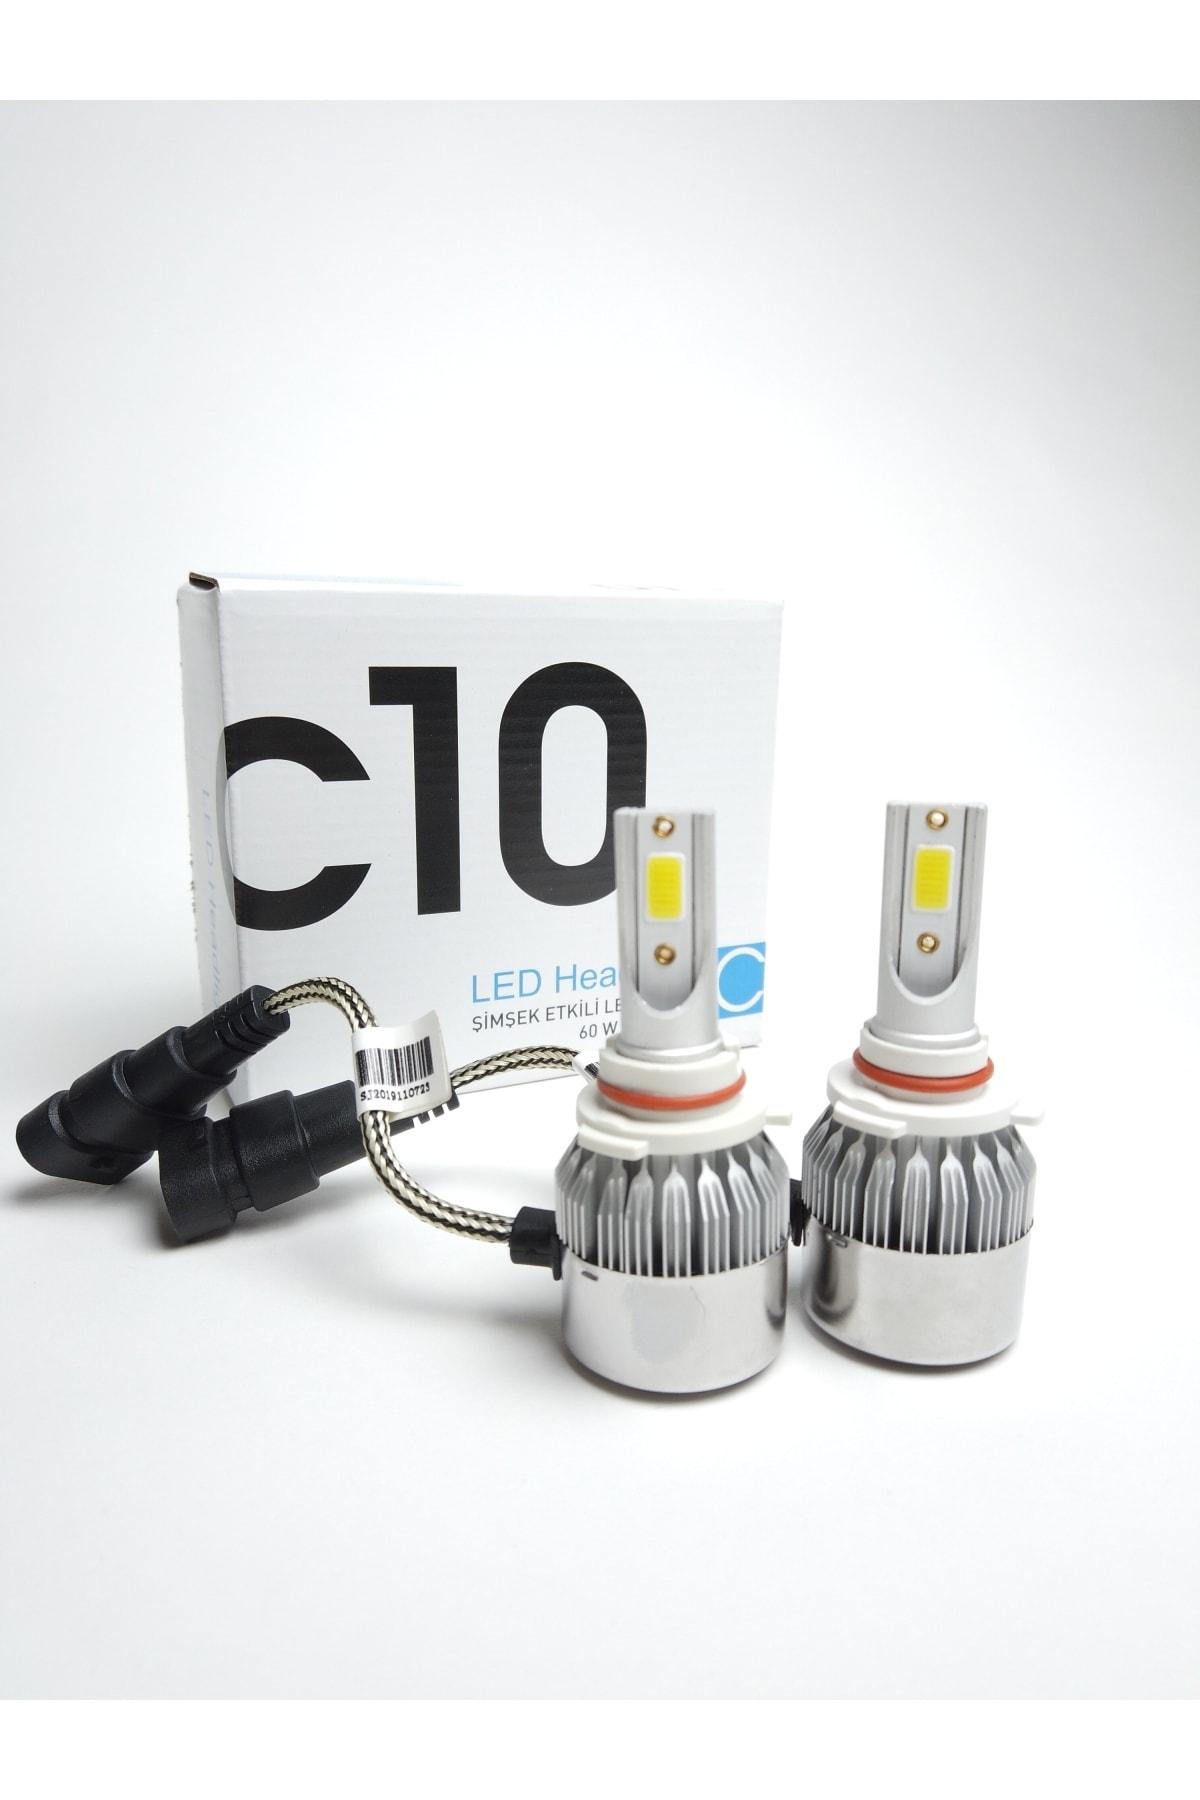 C10 H4 Led Xenon Soğurma Fanlı Led Zenon Far Ampulü Yeni Nesil Şimşek Etkili 1